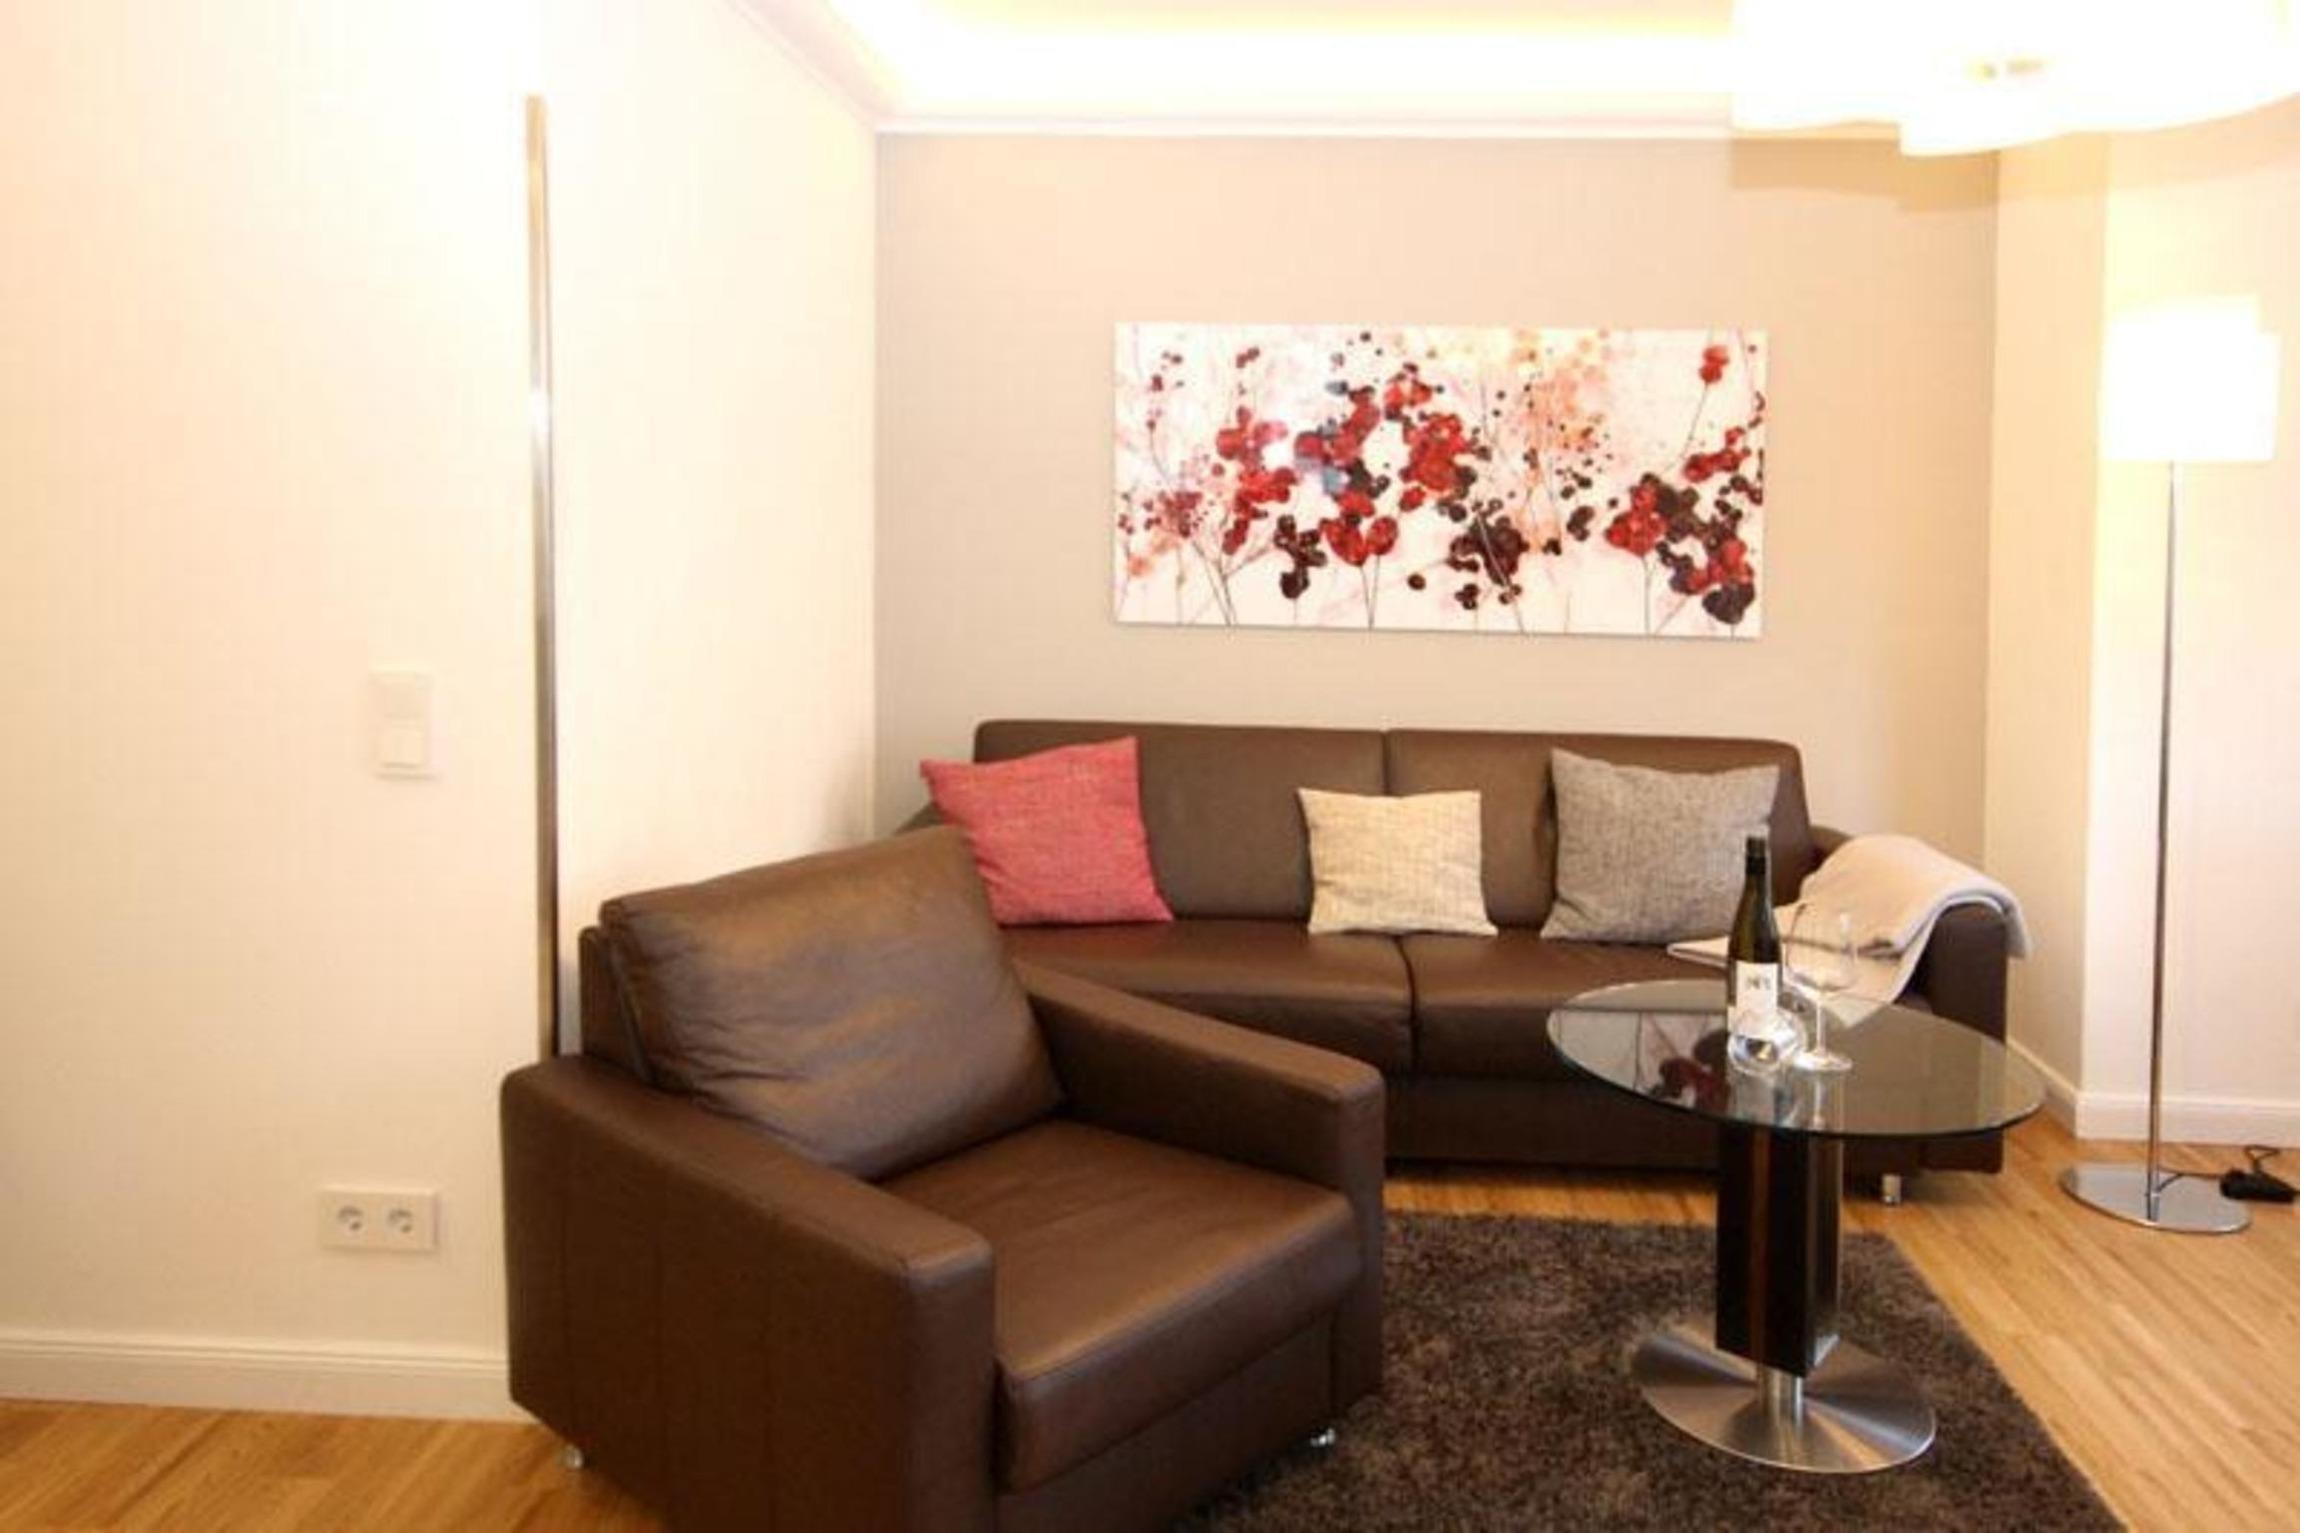 Villa Löwenstein - Wohnung 7 / 9819 Bungalow in Deutschland